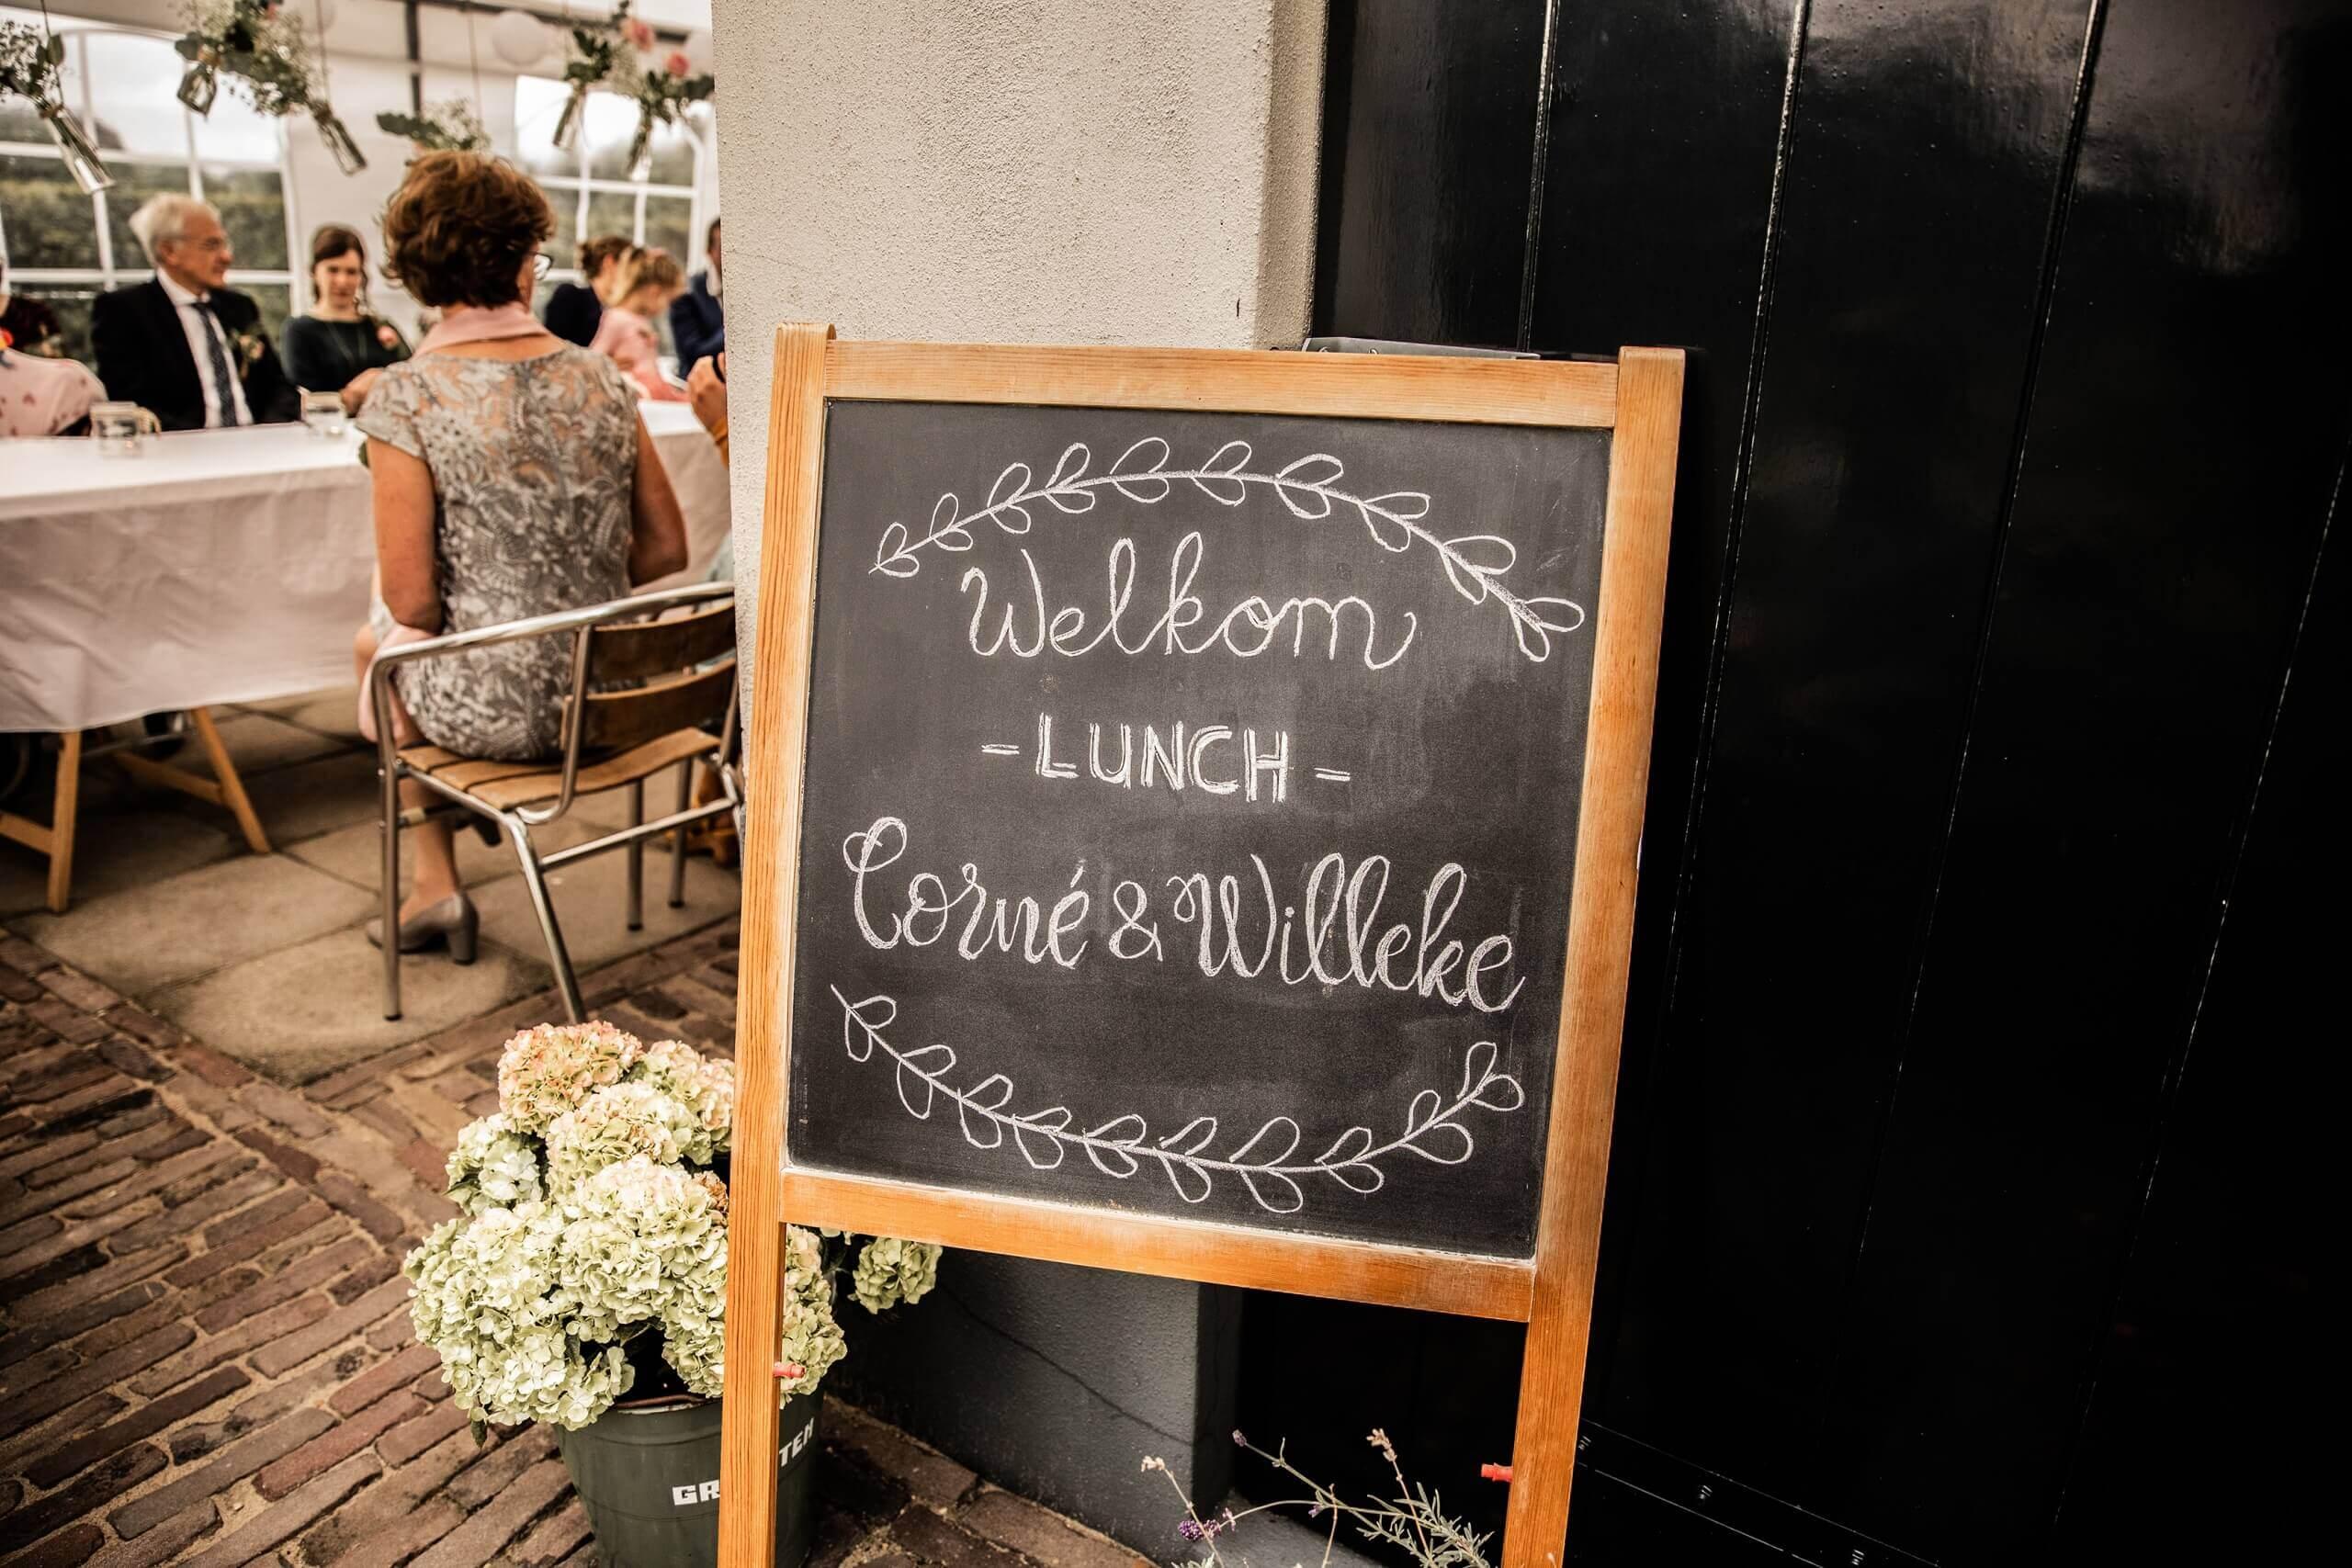 Corne en Willeke 109